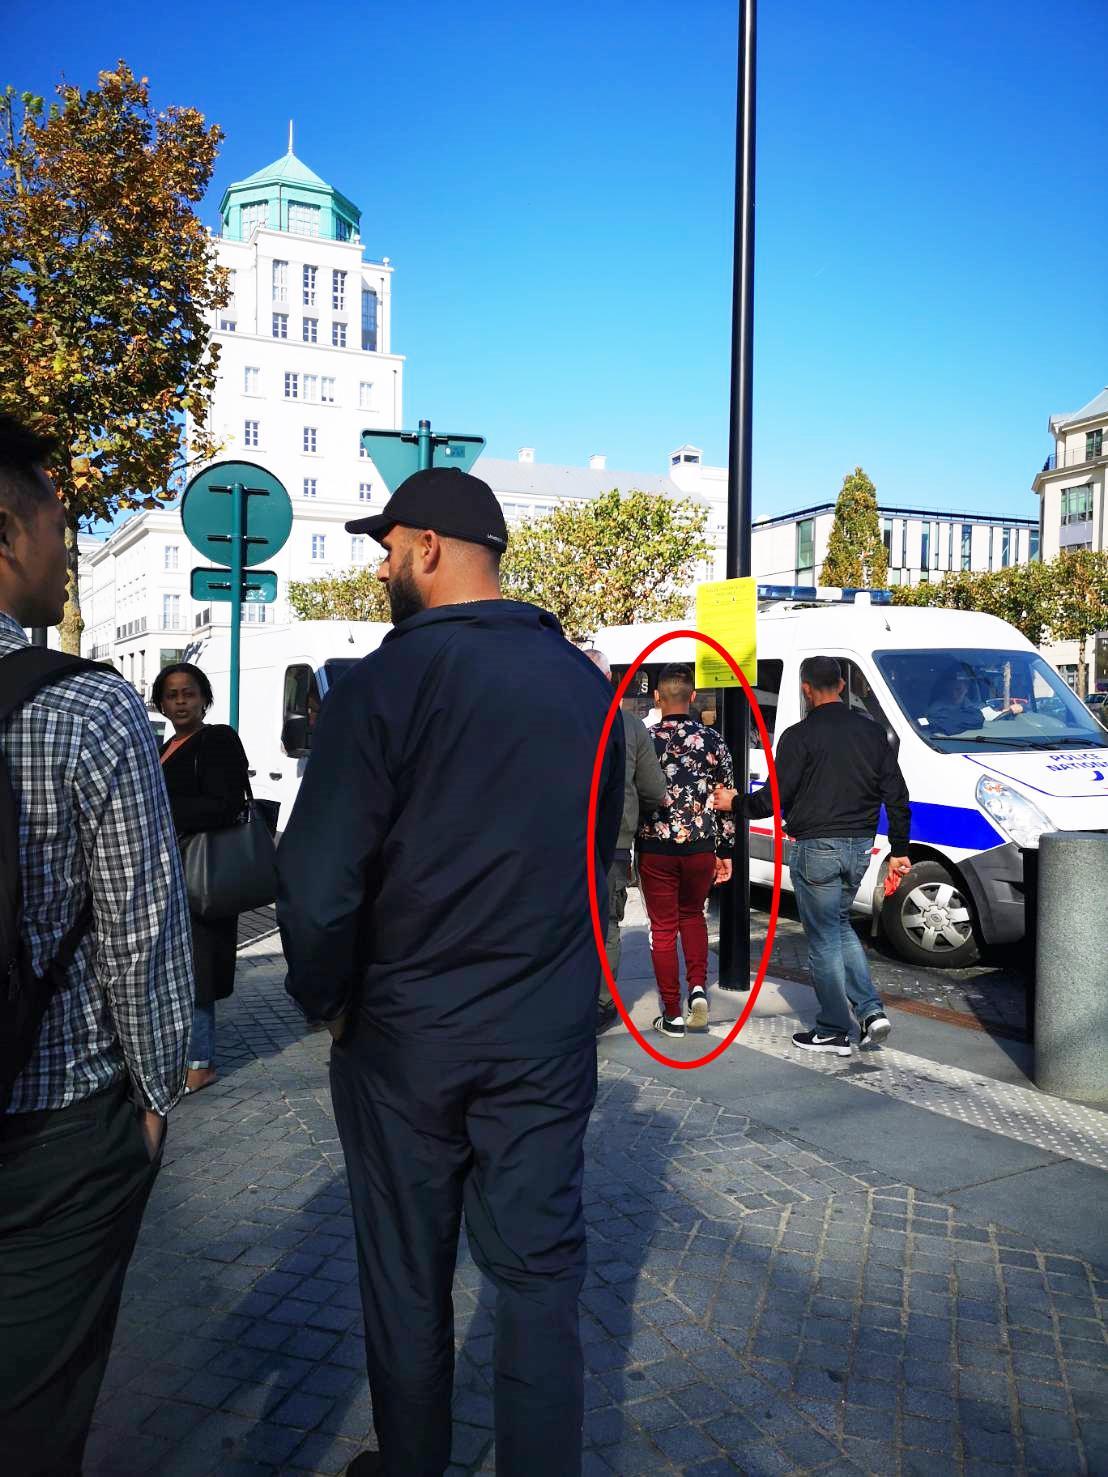 巴黎治安,法國恐攻,巴黎自由行,街頭詐騙,扒手,竊盜,強盜,巴黎地鐵,法國警察